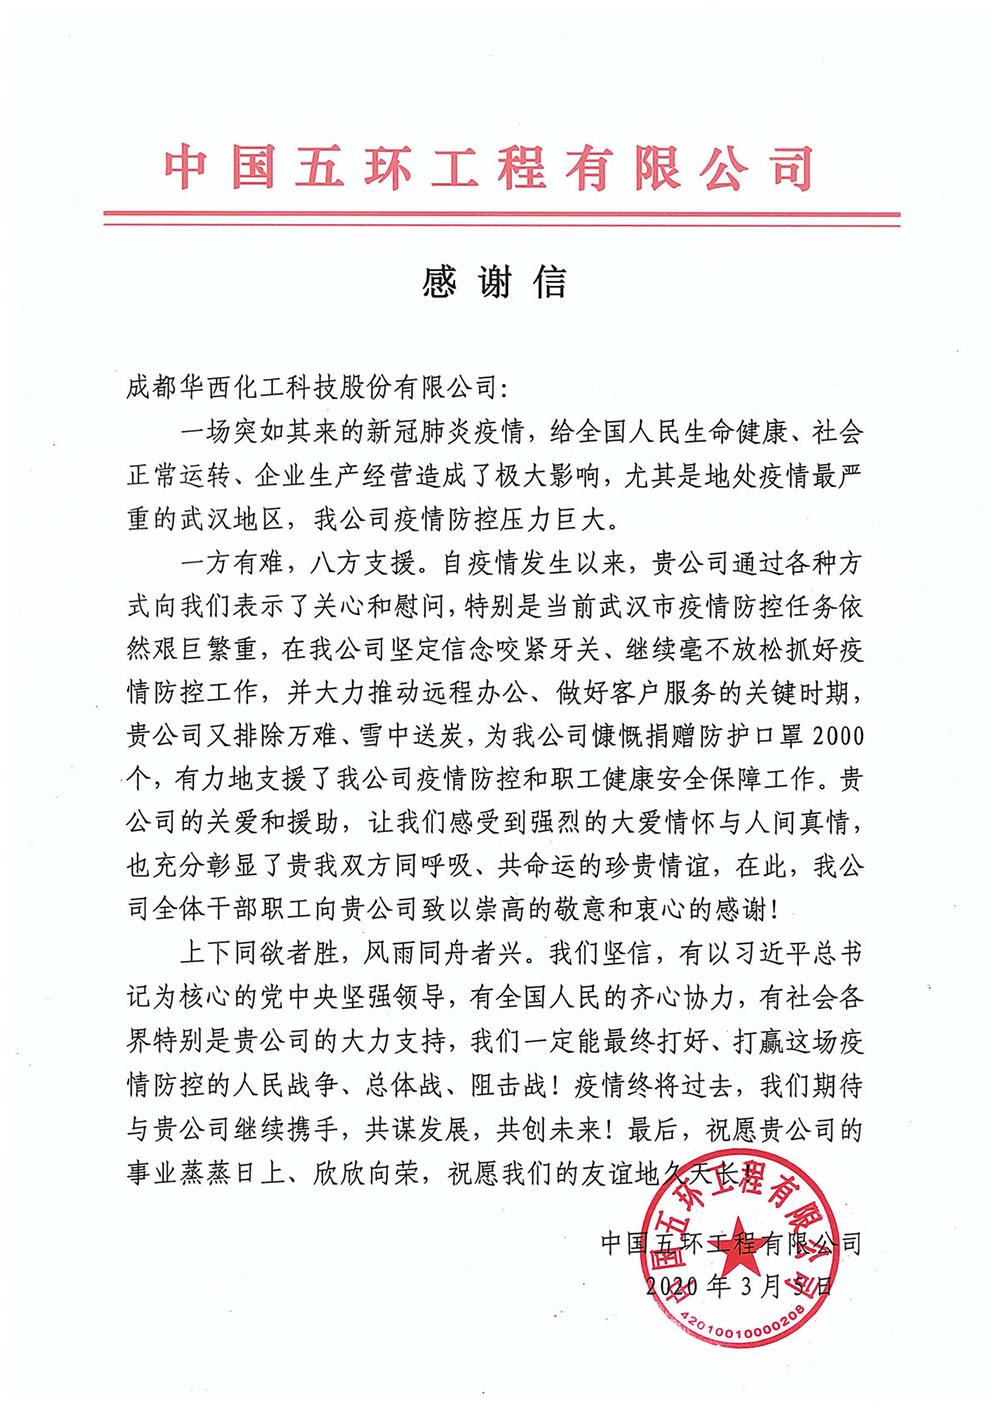 致成都华西化工科技股份有限公司感谢信(1).jpg